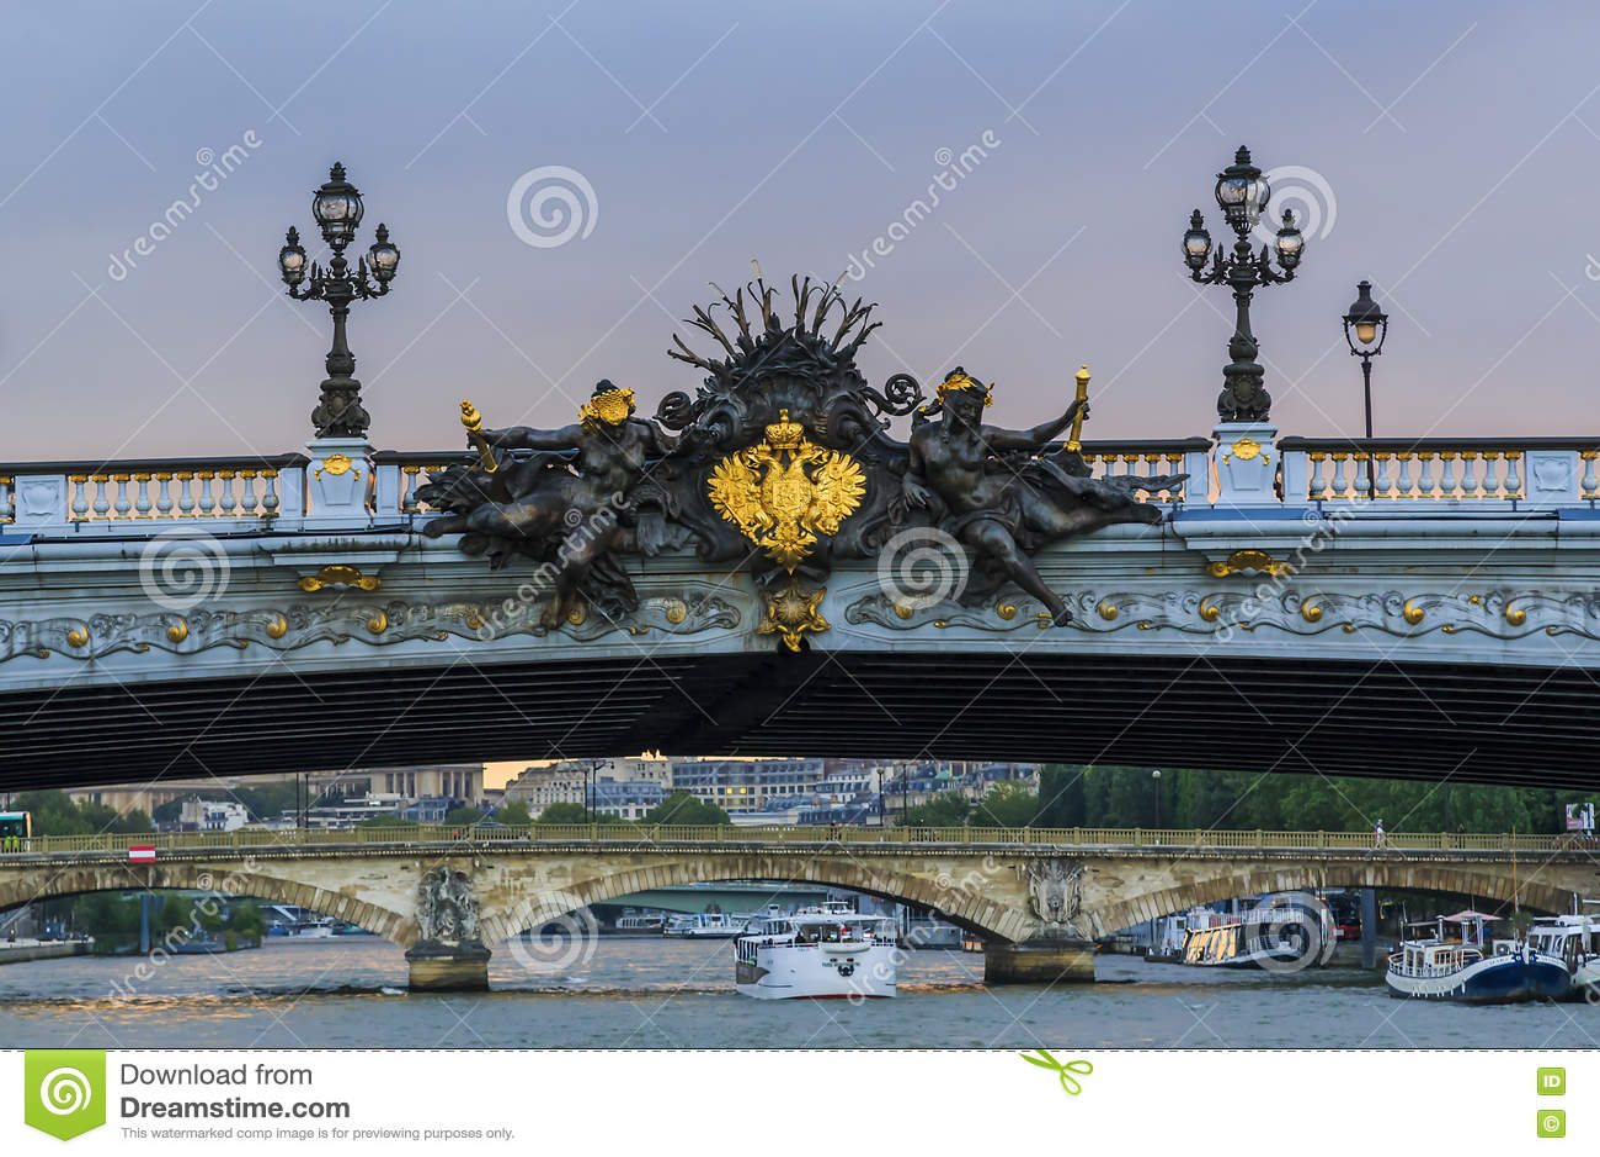 Detalle del puente de Alejandro III